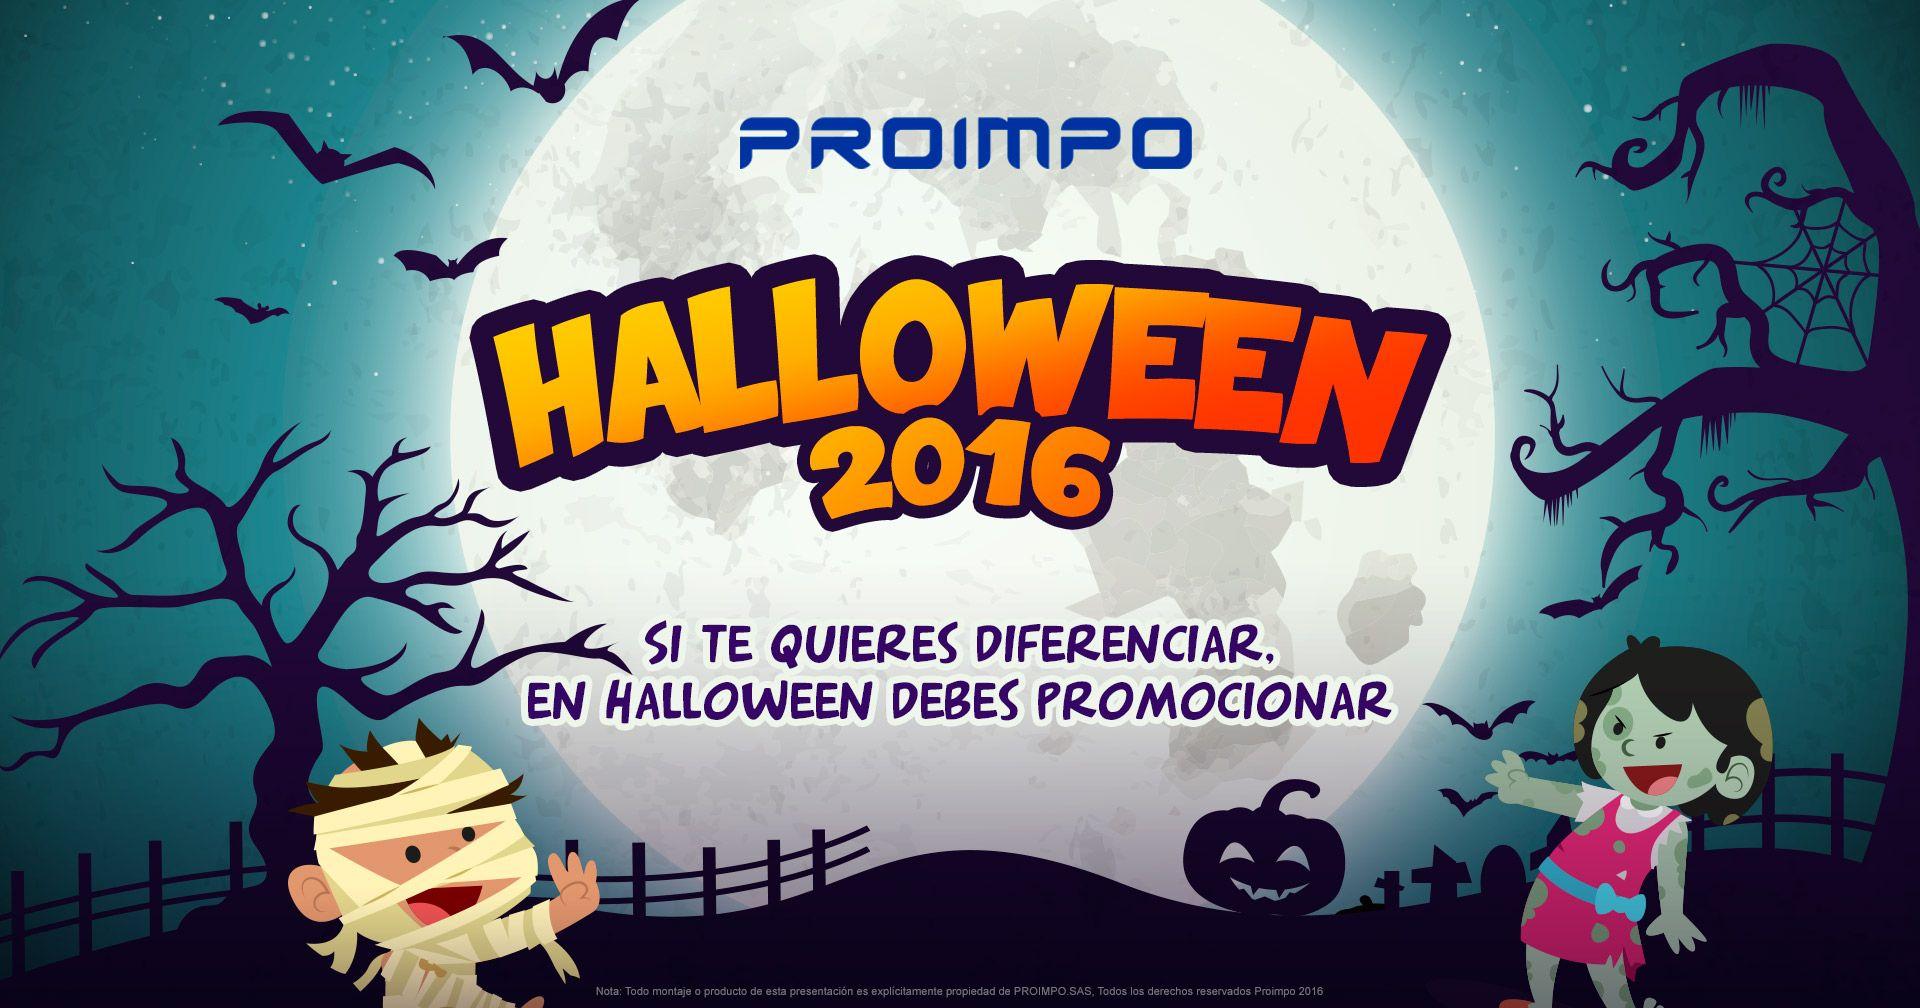 Halloween proimpo. Productos Promocionales